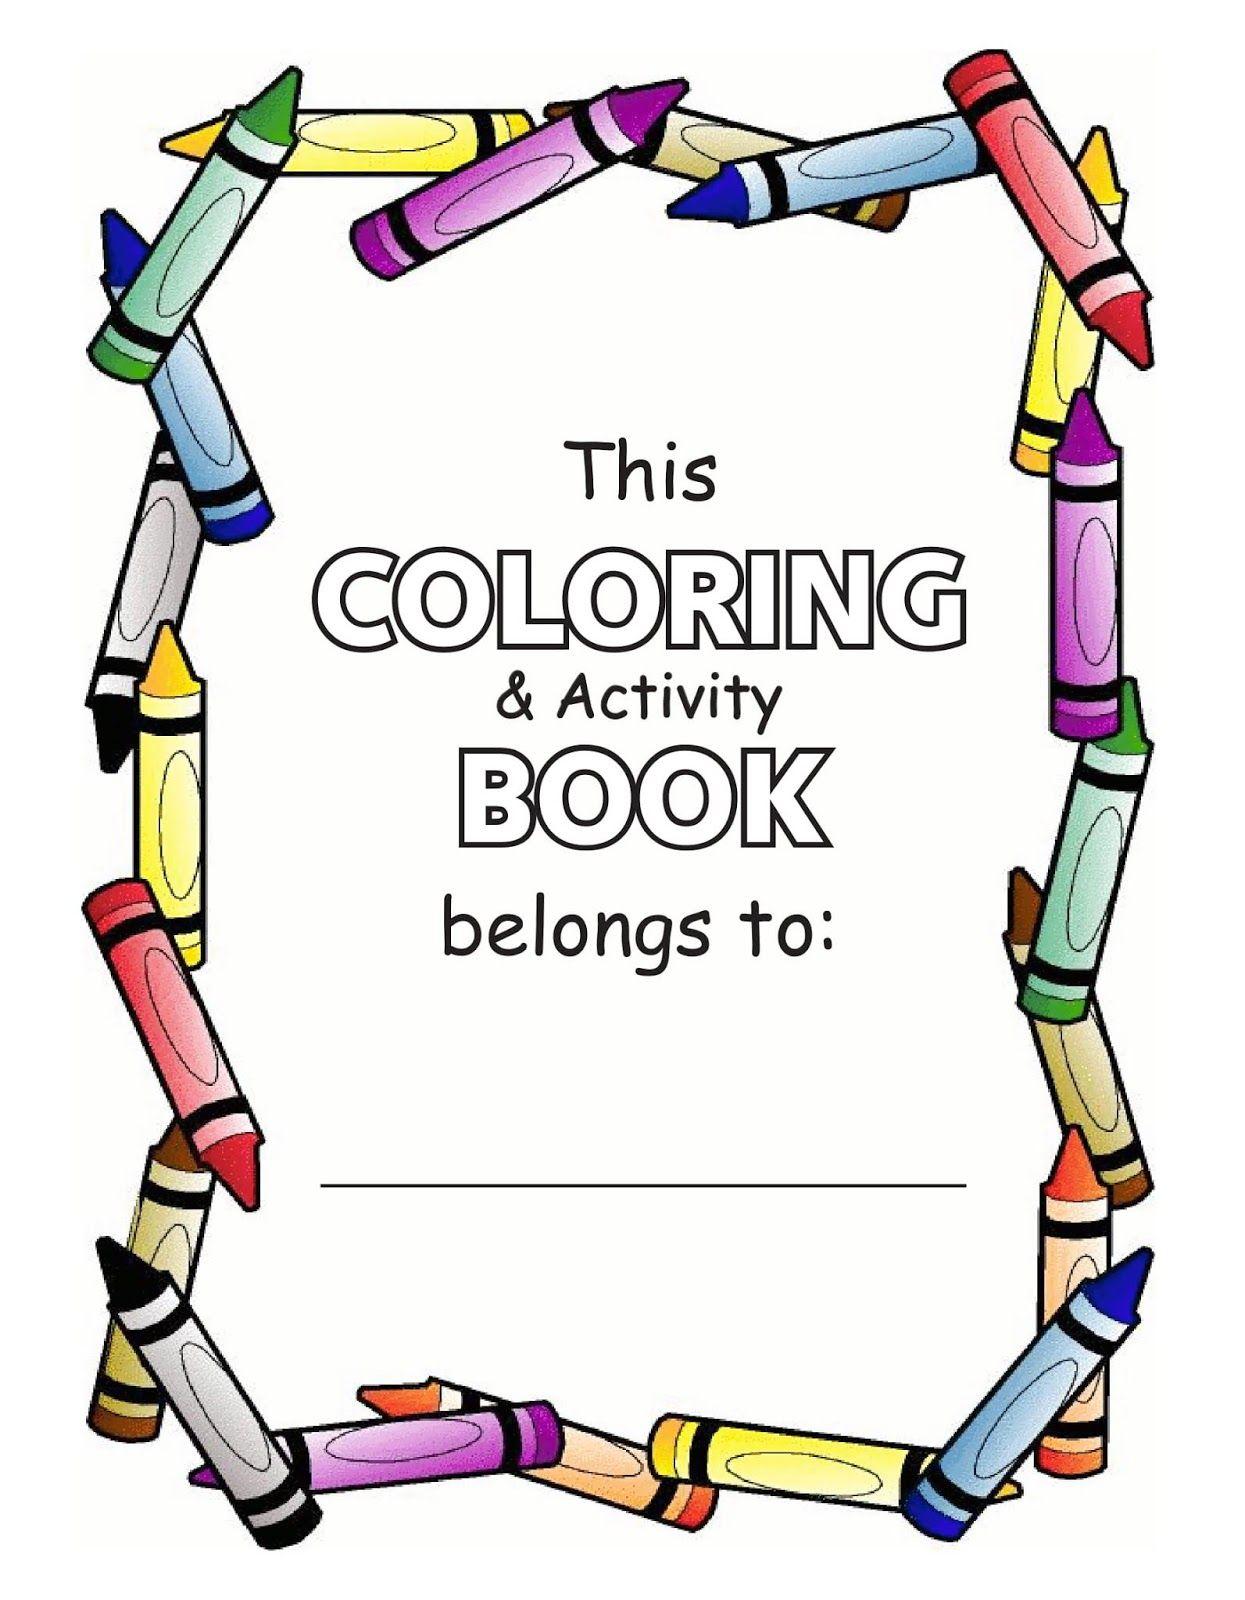 englisch malvorlage  coloring and malvorlagan